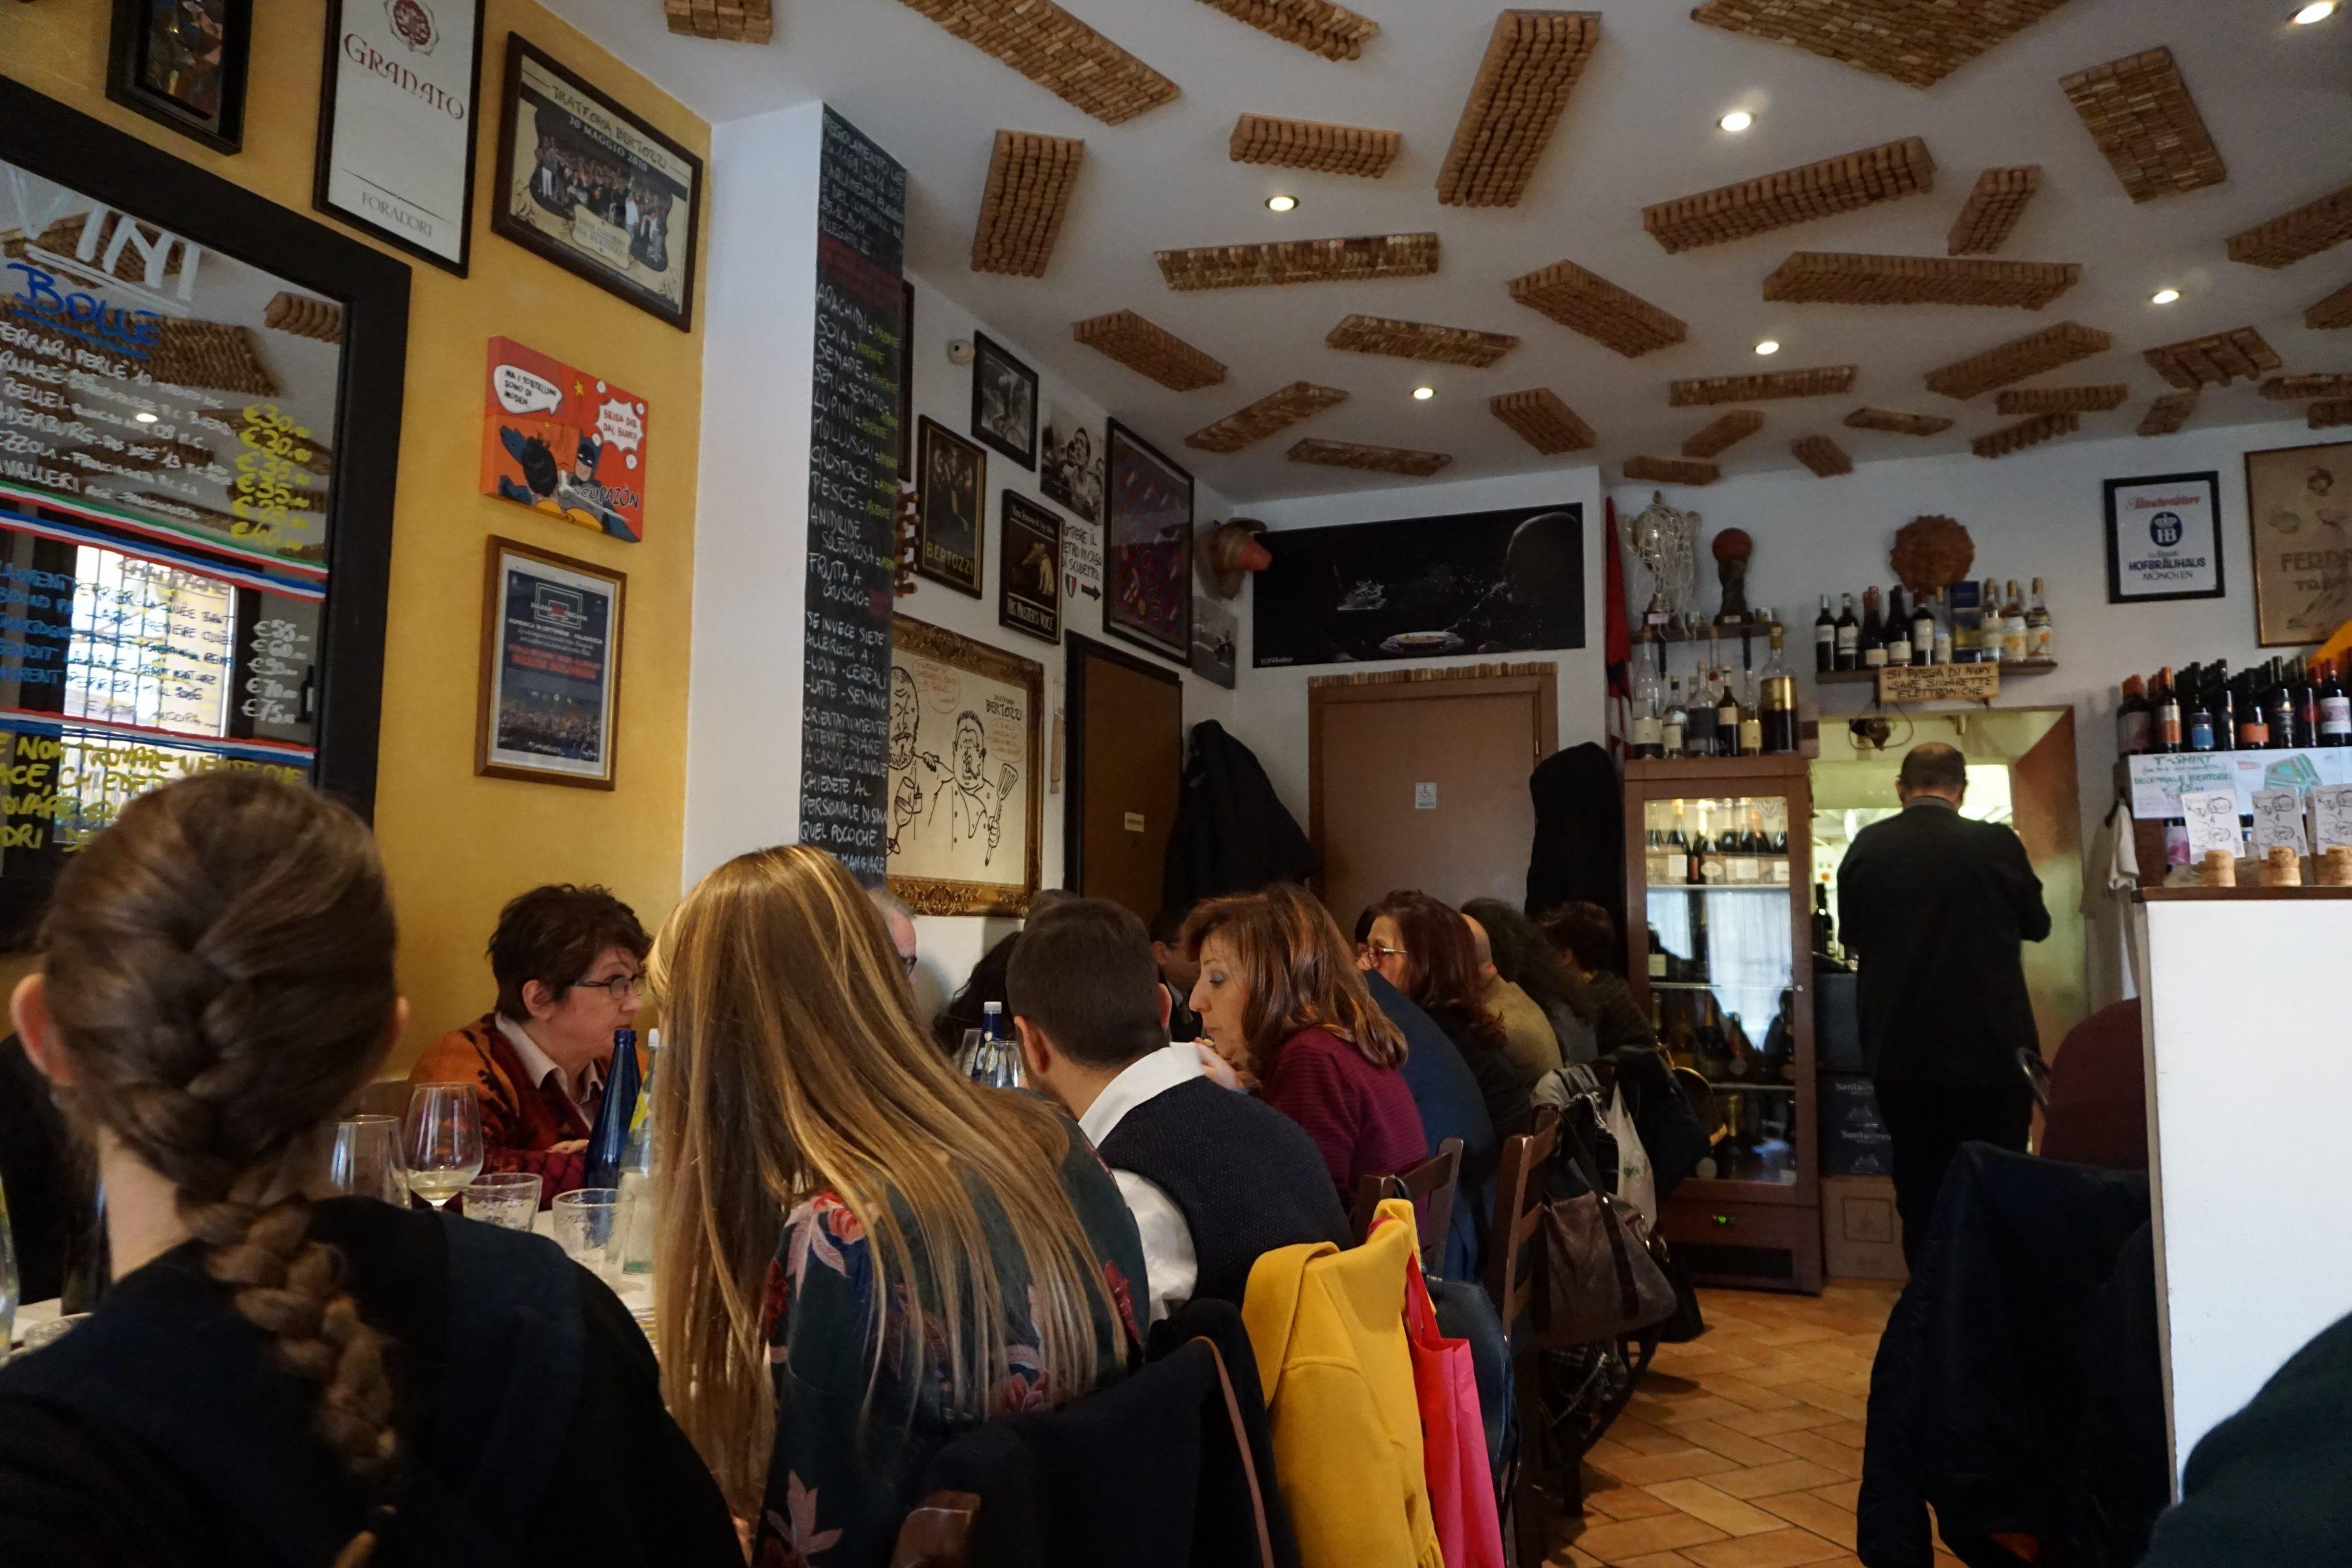 Eater Bologna Bertozzi inside